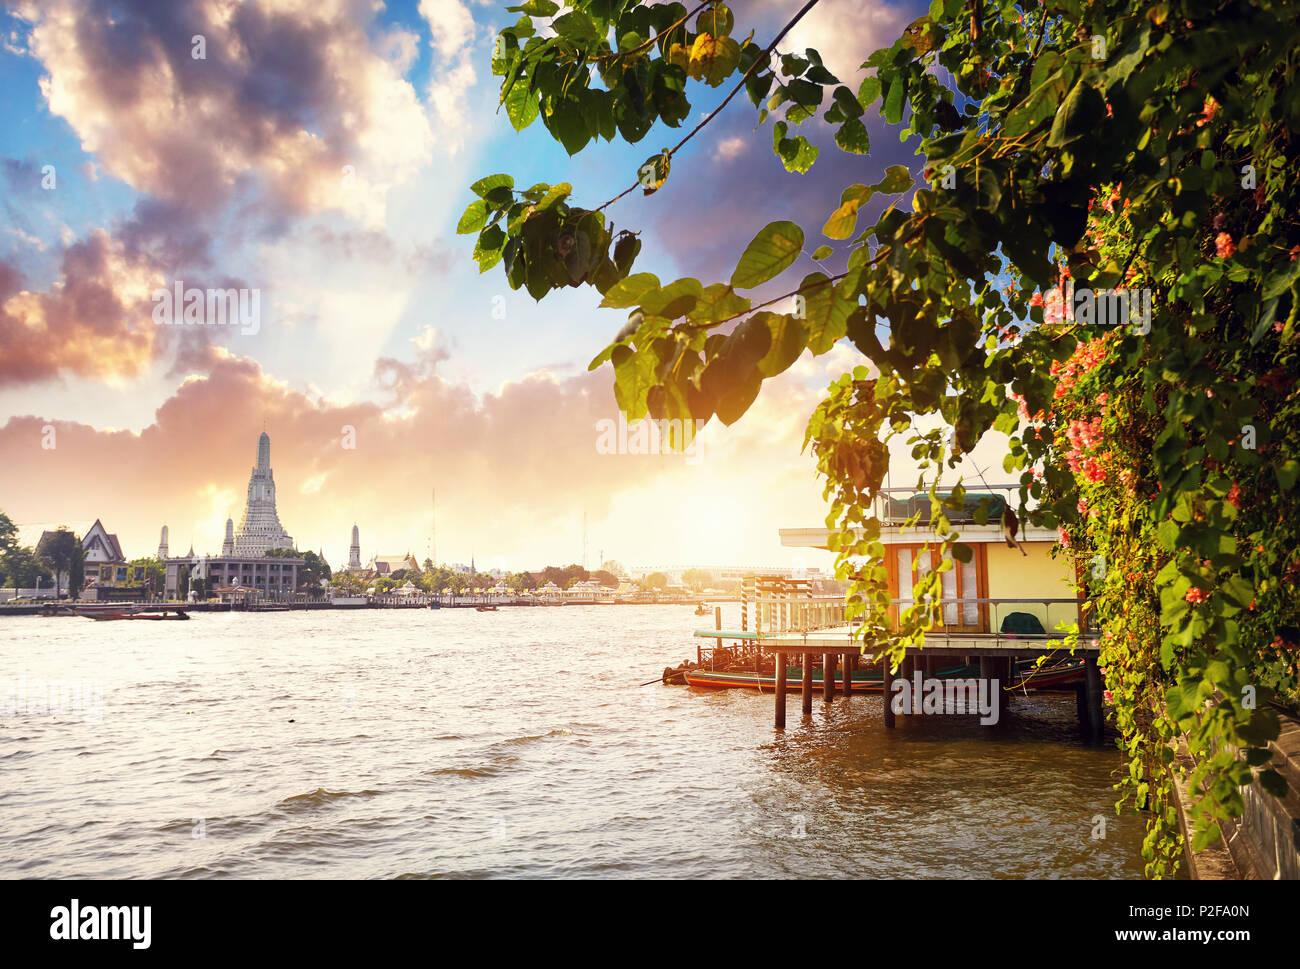 Belle vue sur le Wat Arun et Chao Phraya au coucher du soleil à Bangkok, Thaïlande Photo Stock